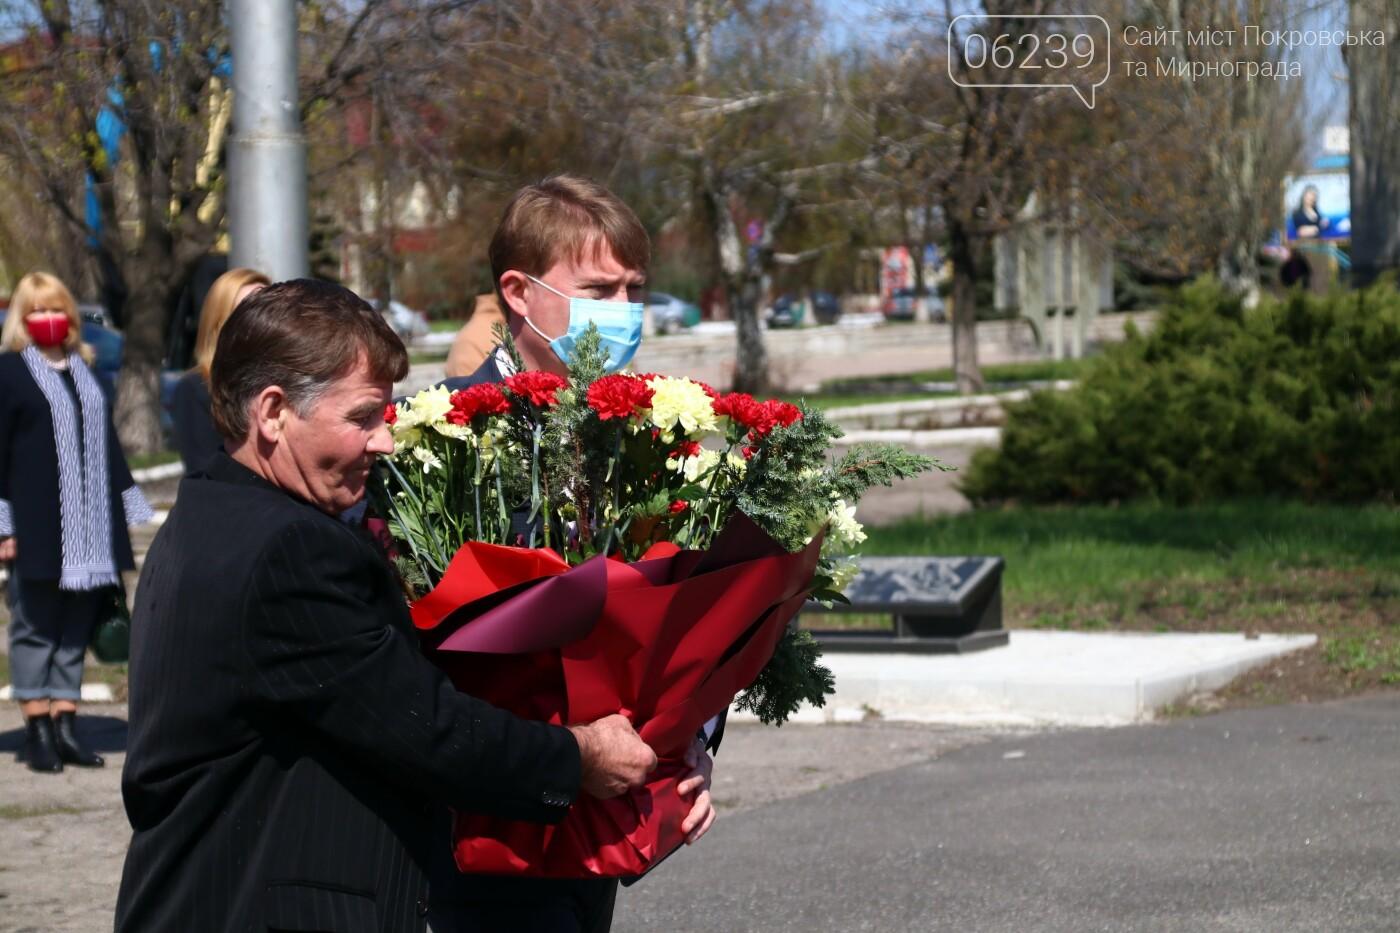 35-я годовщина трагедии: в Мирнограде почтили память ликвидаторов аварии на ЧАЭС, фото-5